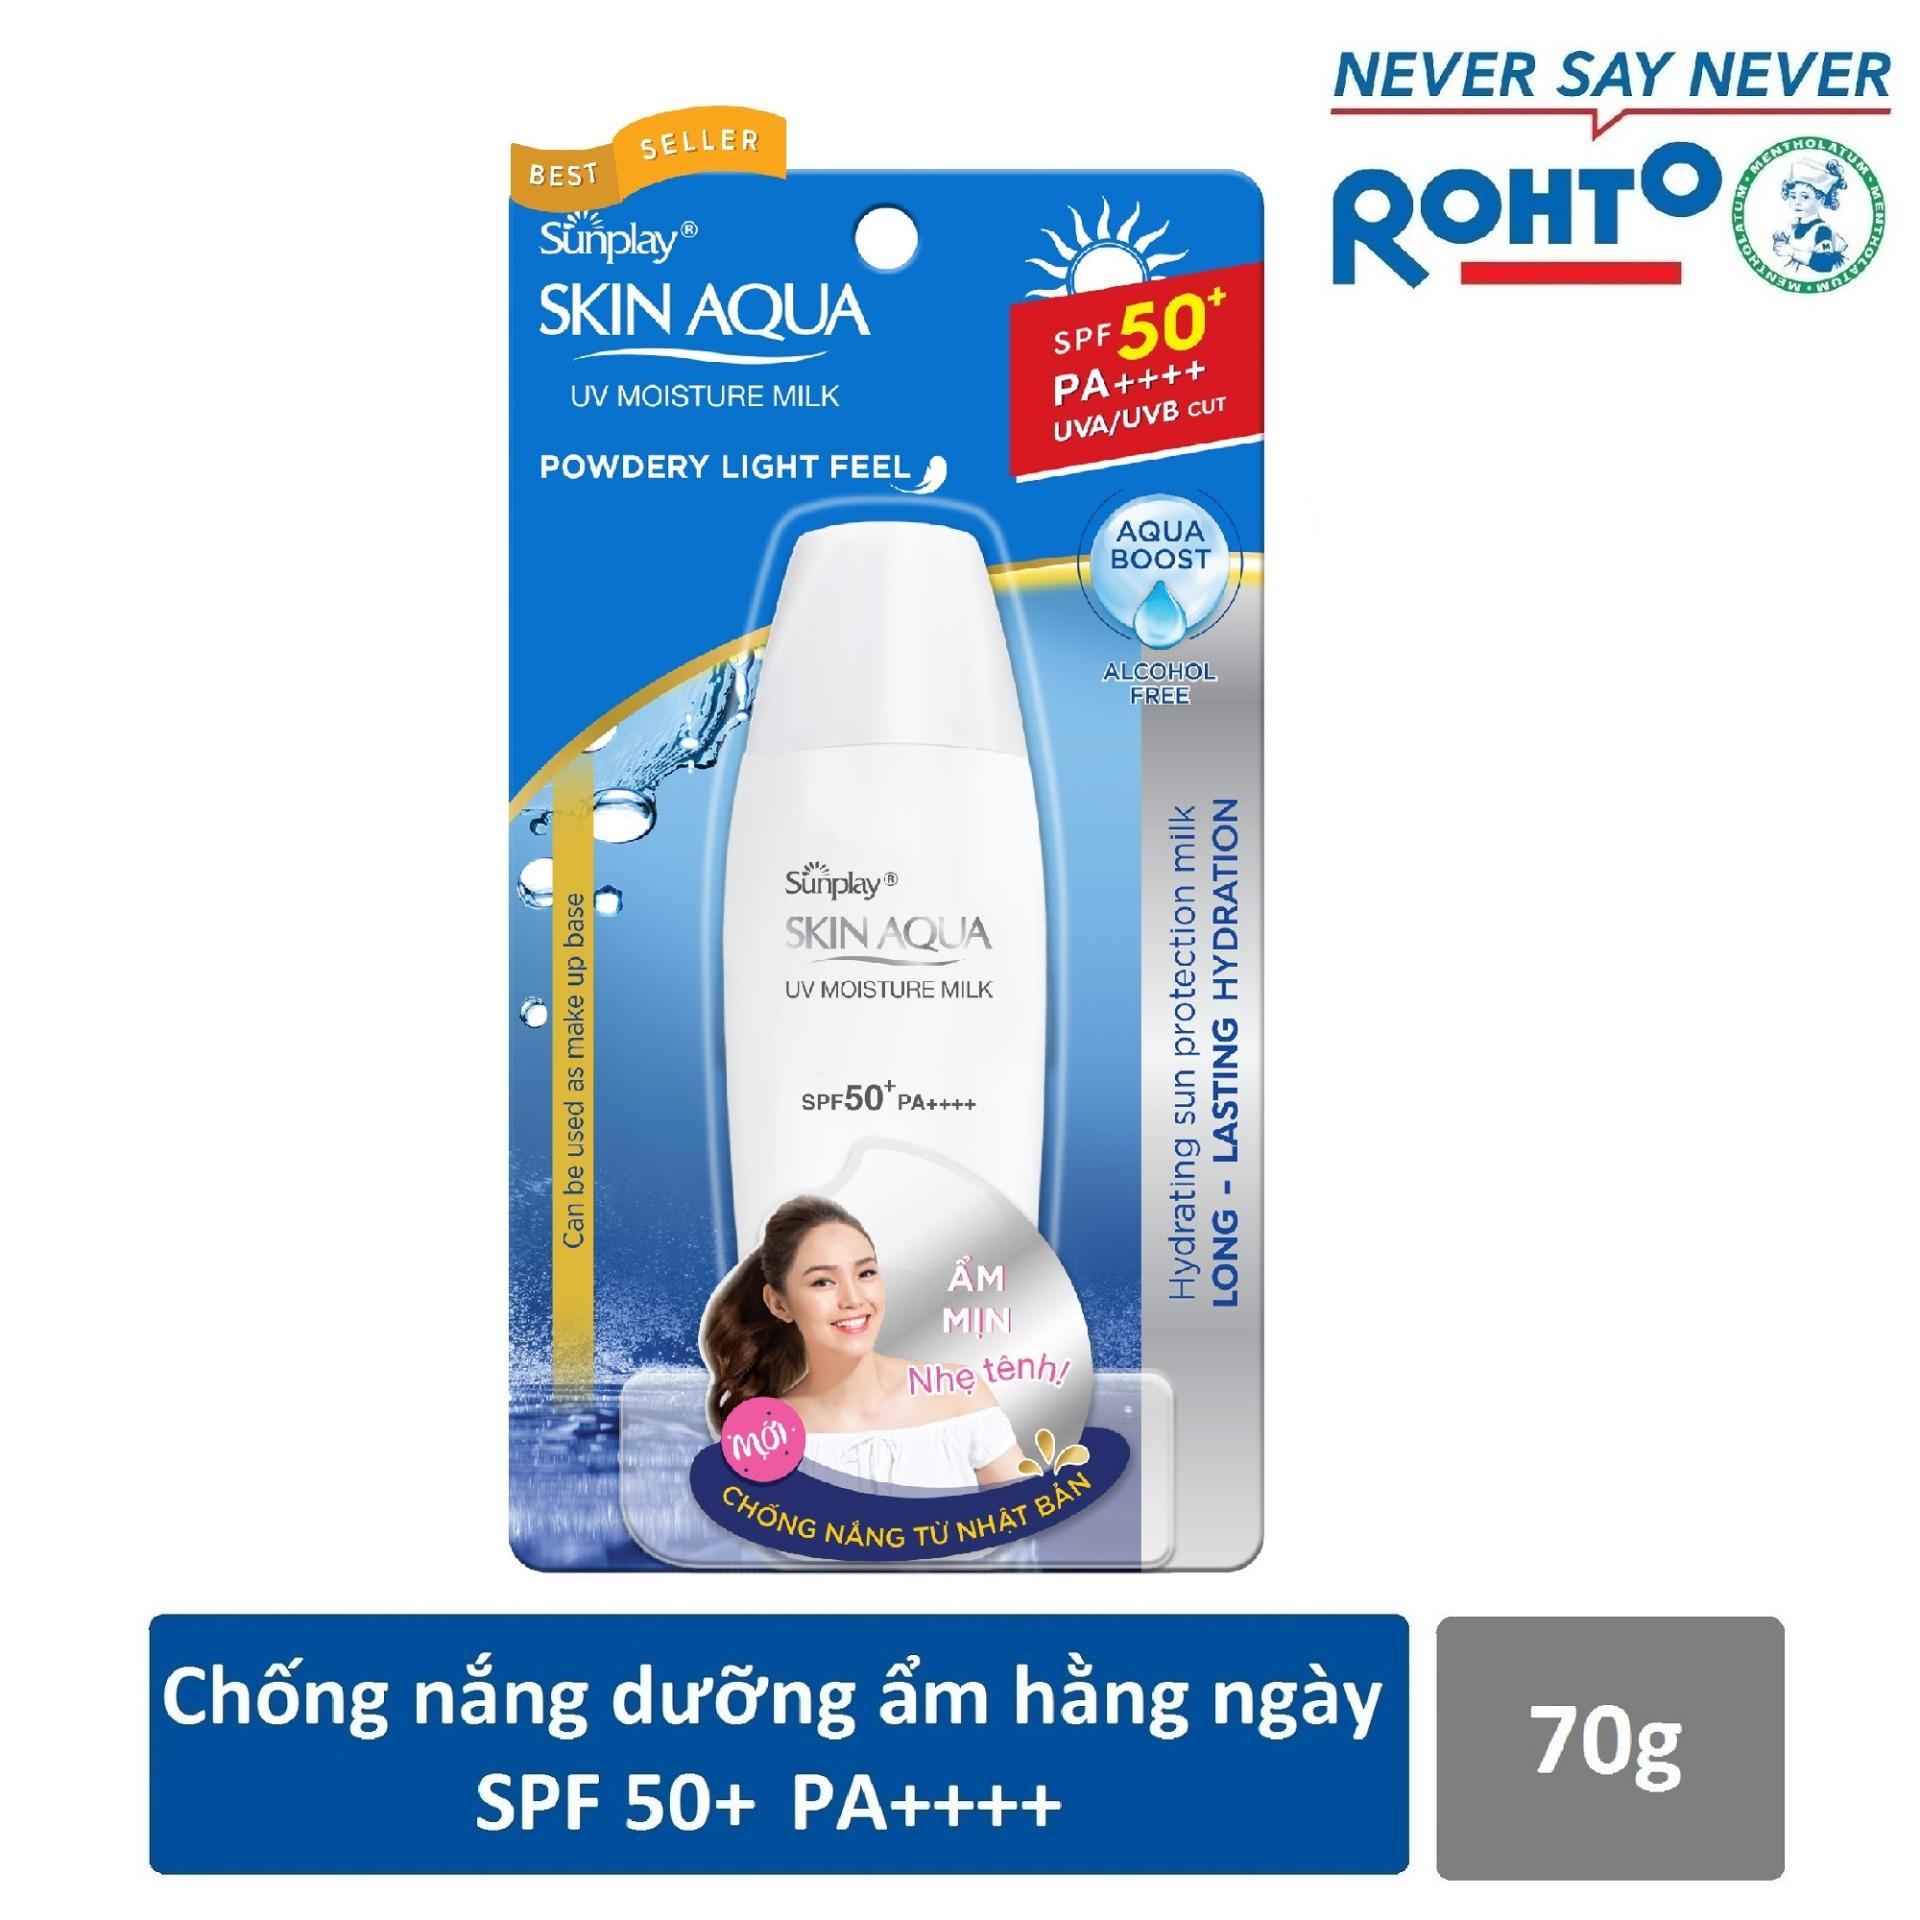 Kem chống nắng dạng sữa hằng ngày dưỡng da giữ ẩm Sunplay Skin Aqua UV Moisture SPF50+ PA+++ 70g